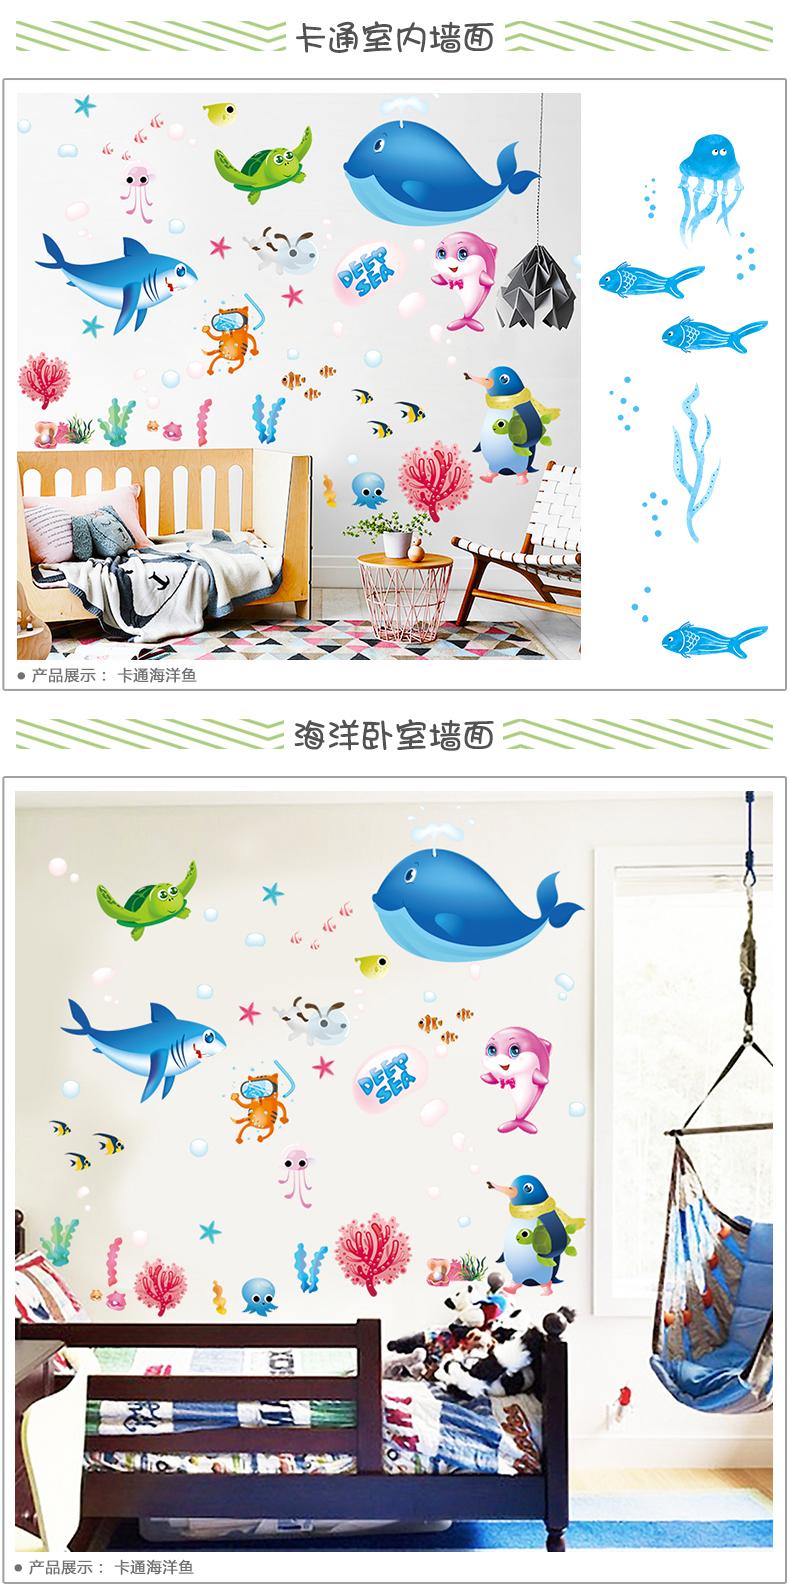 卡通海洋鱼墙贴儿童房间卧室卫生间浴室瓷砖玻璃贴纸贴画自粘防水